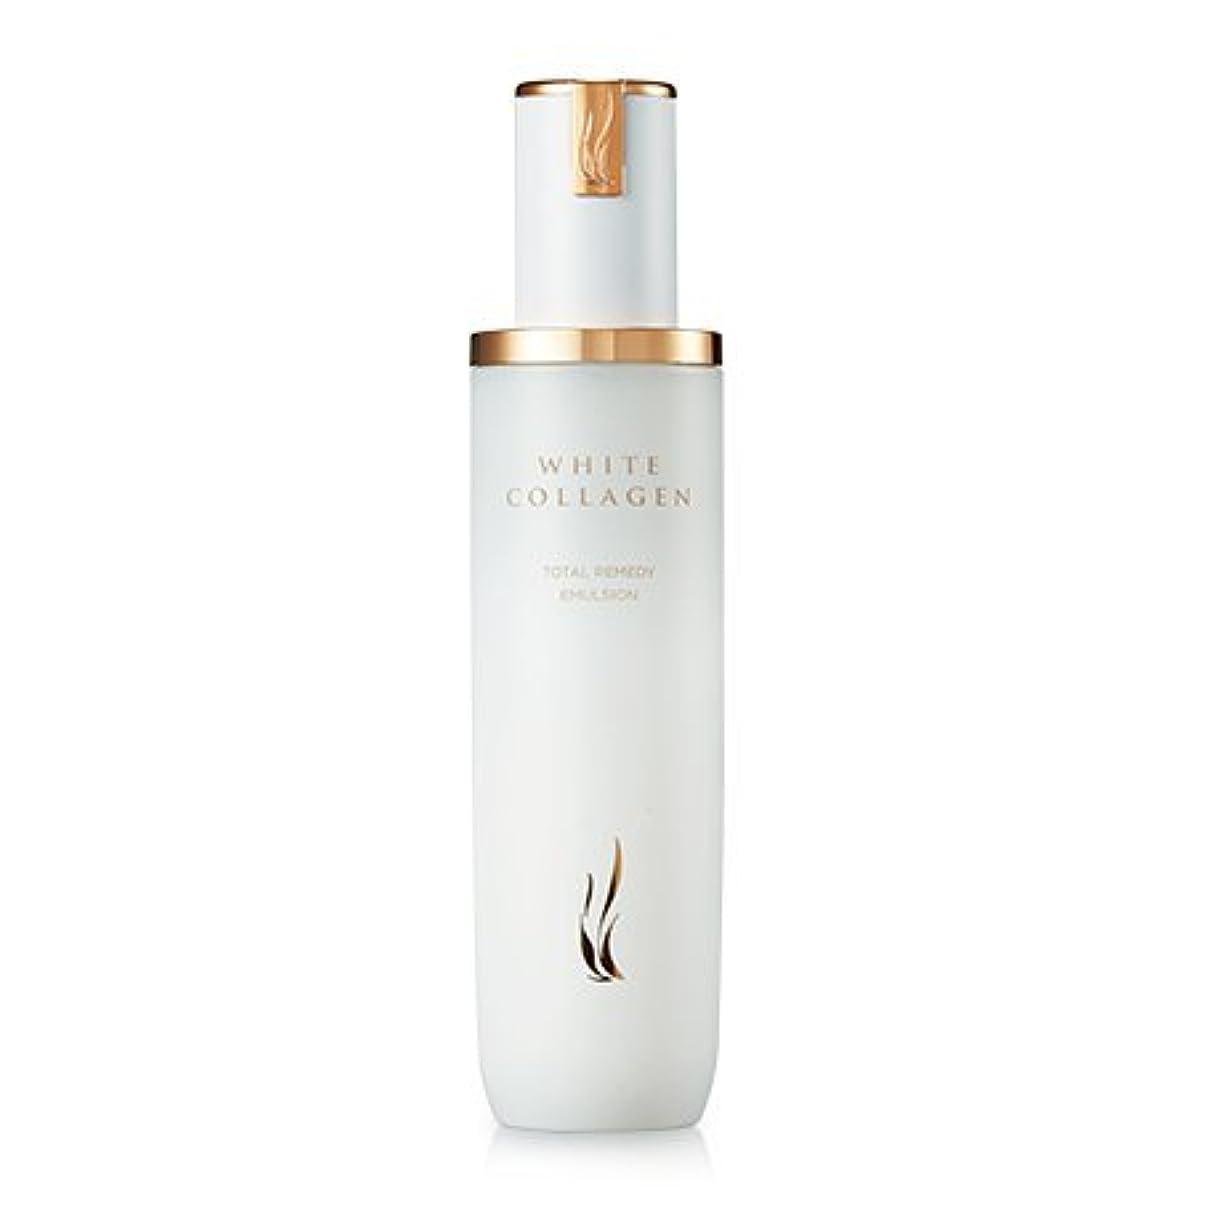 風刺擁する伸ばす[New] A.H.C (AHC) White Collagen Total Remedy Emulsion 130ml/A.H.C ホワイト コラーゲン トータル レミディ エマルジョン 130ml [並行輸入品]